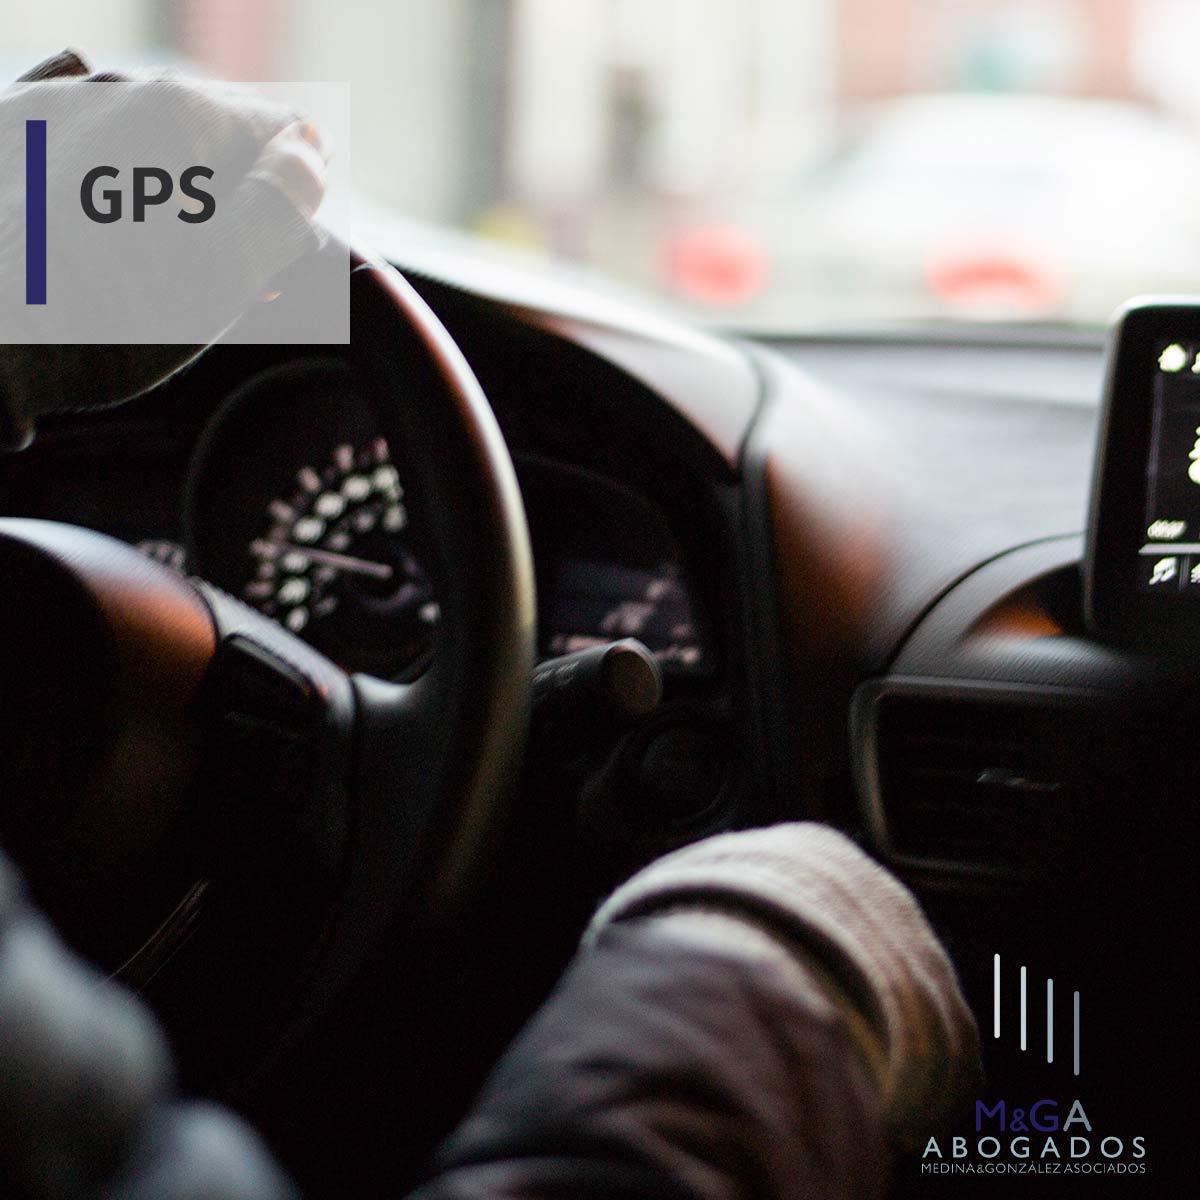 Los datos del GPS en el vehículo de la empresa son lícitos si el trabajador sabe que está activo